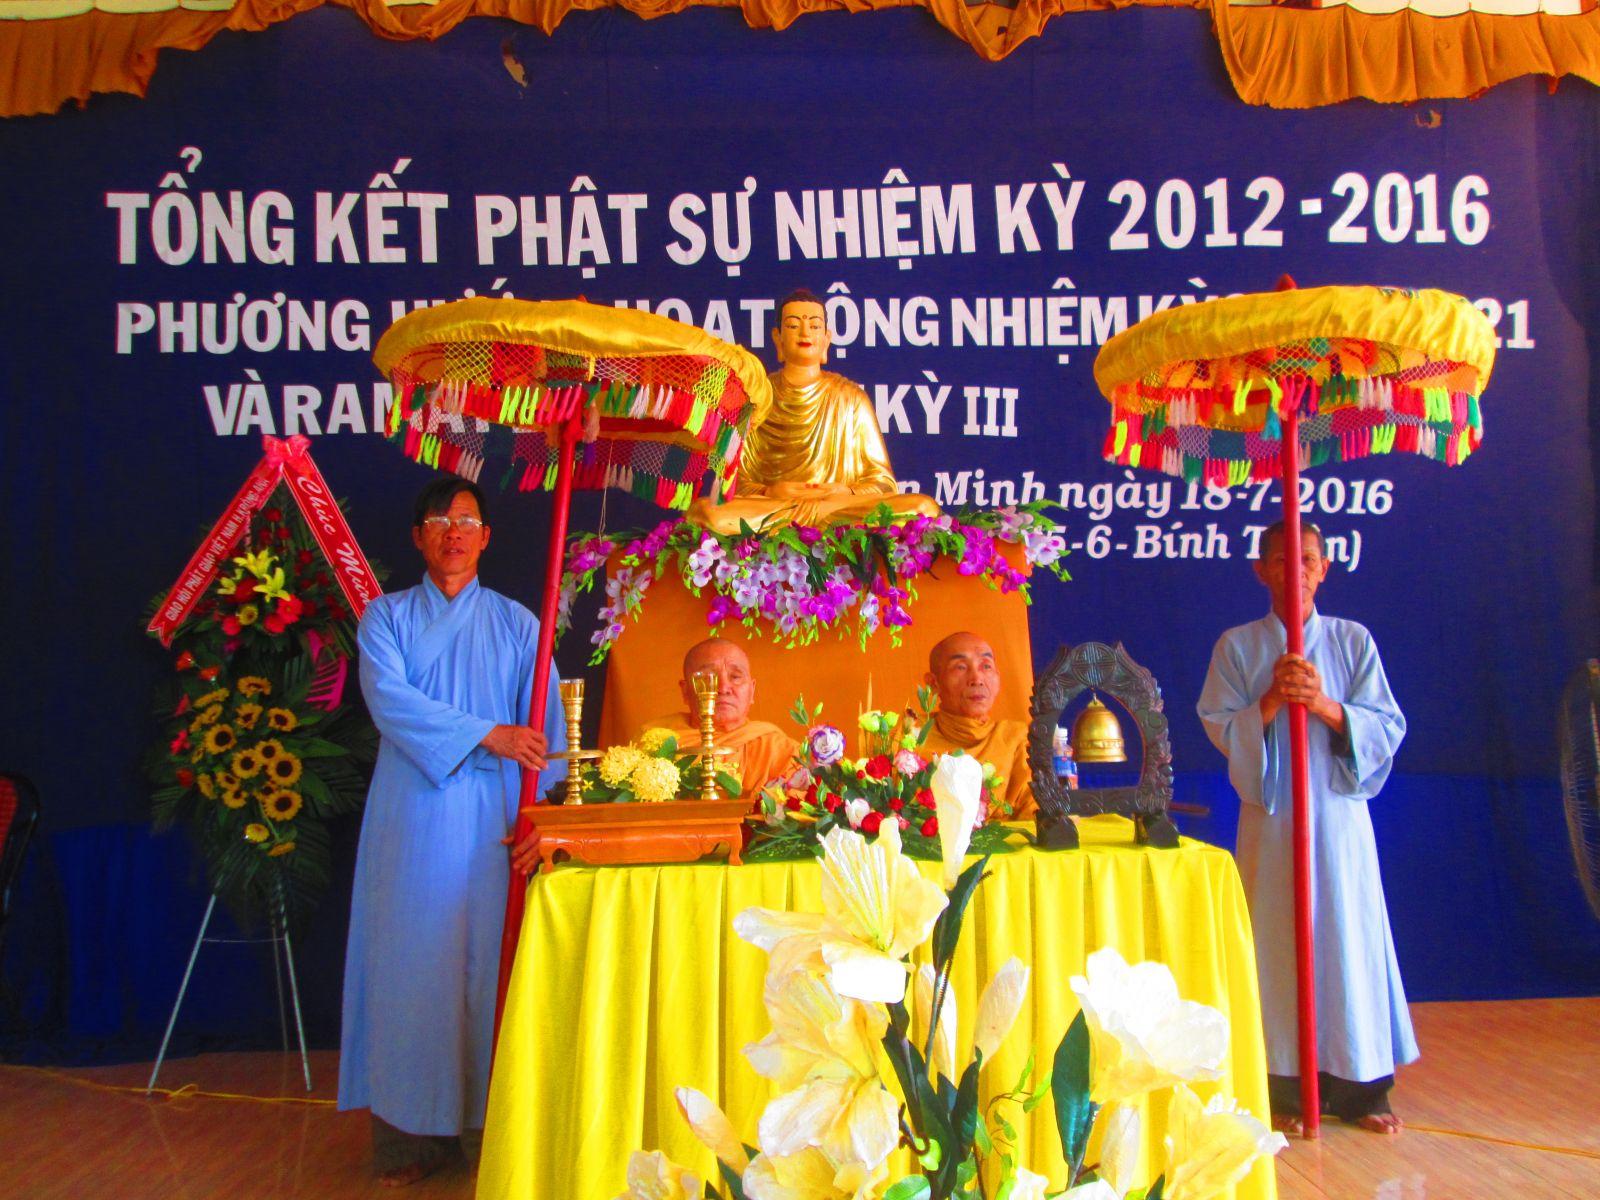 Hội nghị tổng kết Phật sự nhiệm kì 2012 - 2017 của NPĐ Thiện Minh xã Bình Hòa - huyện Krông Ana